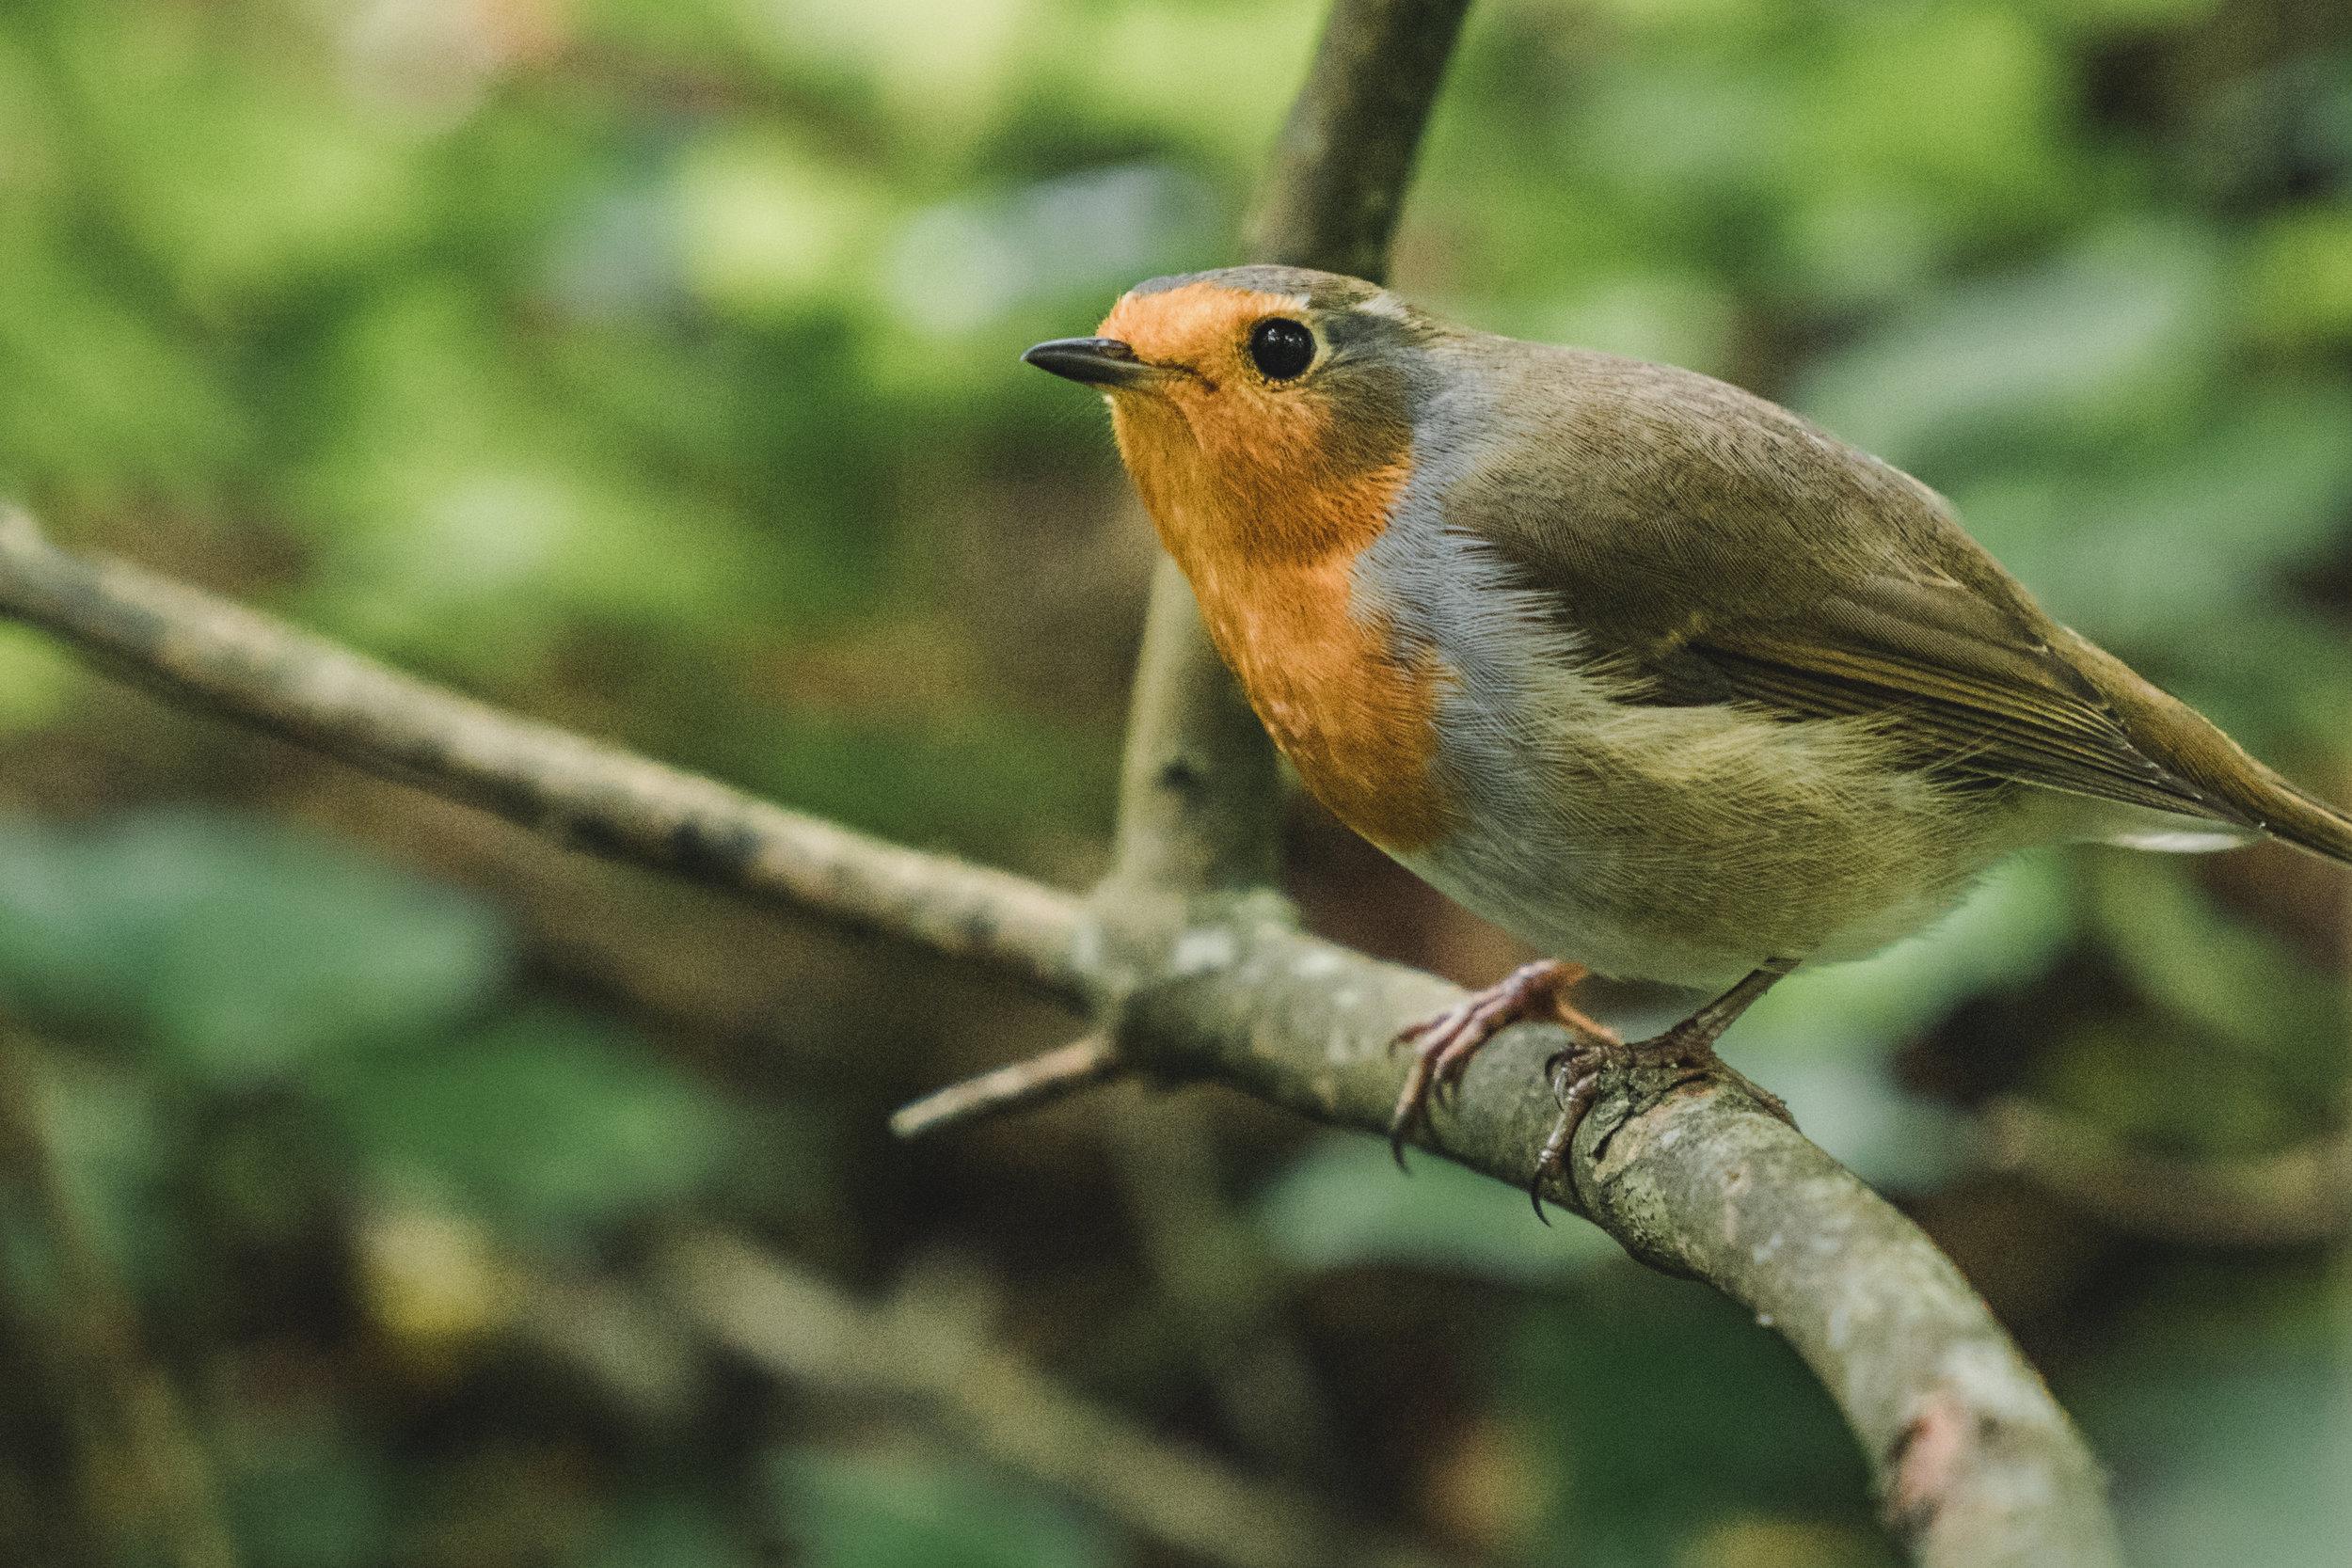 The happy bird